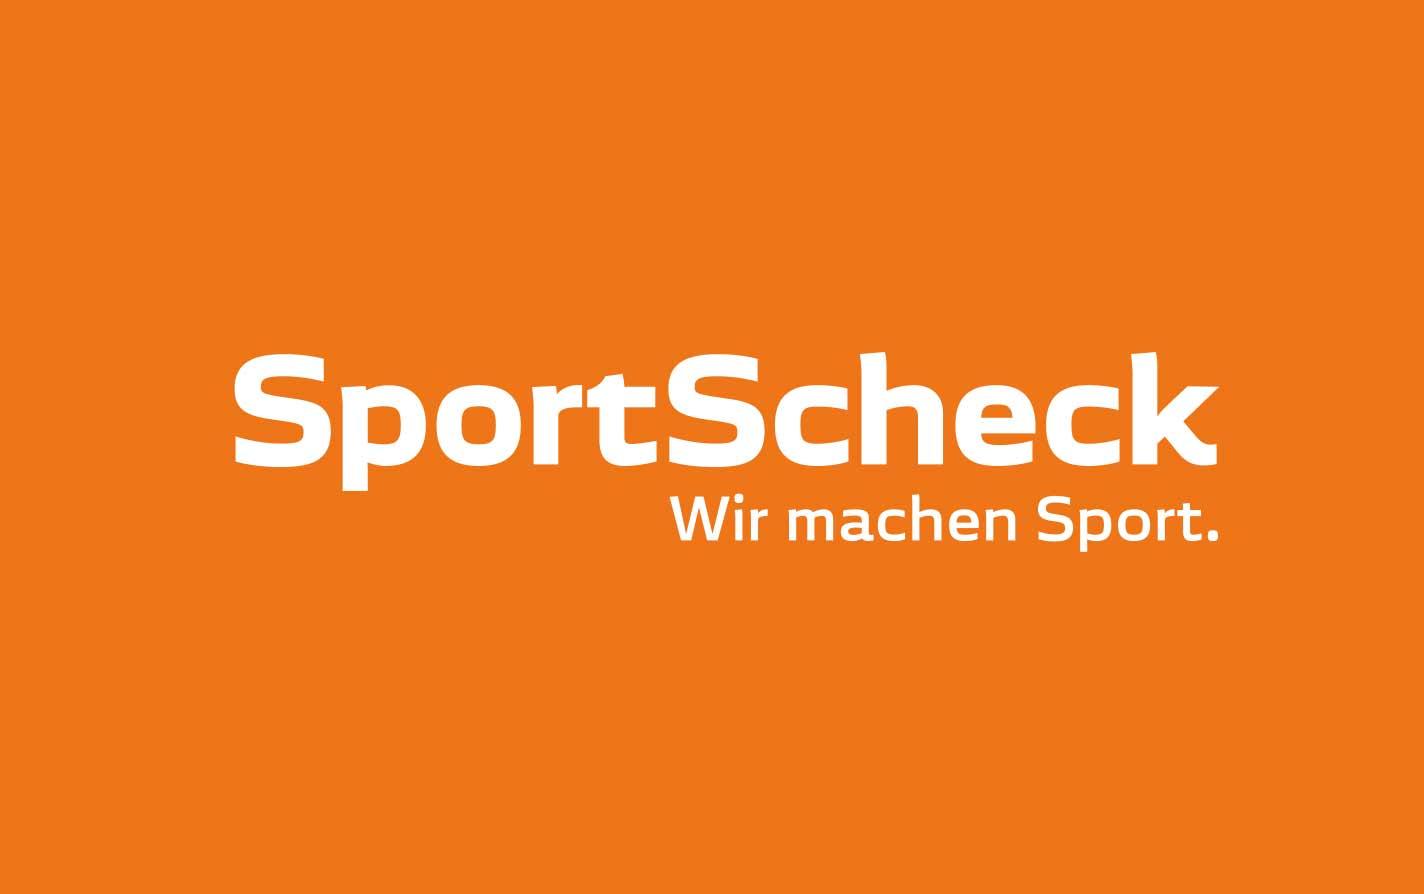 sportscheck rücksendung